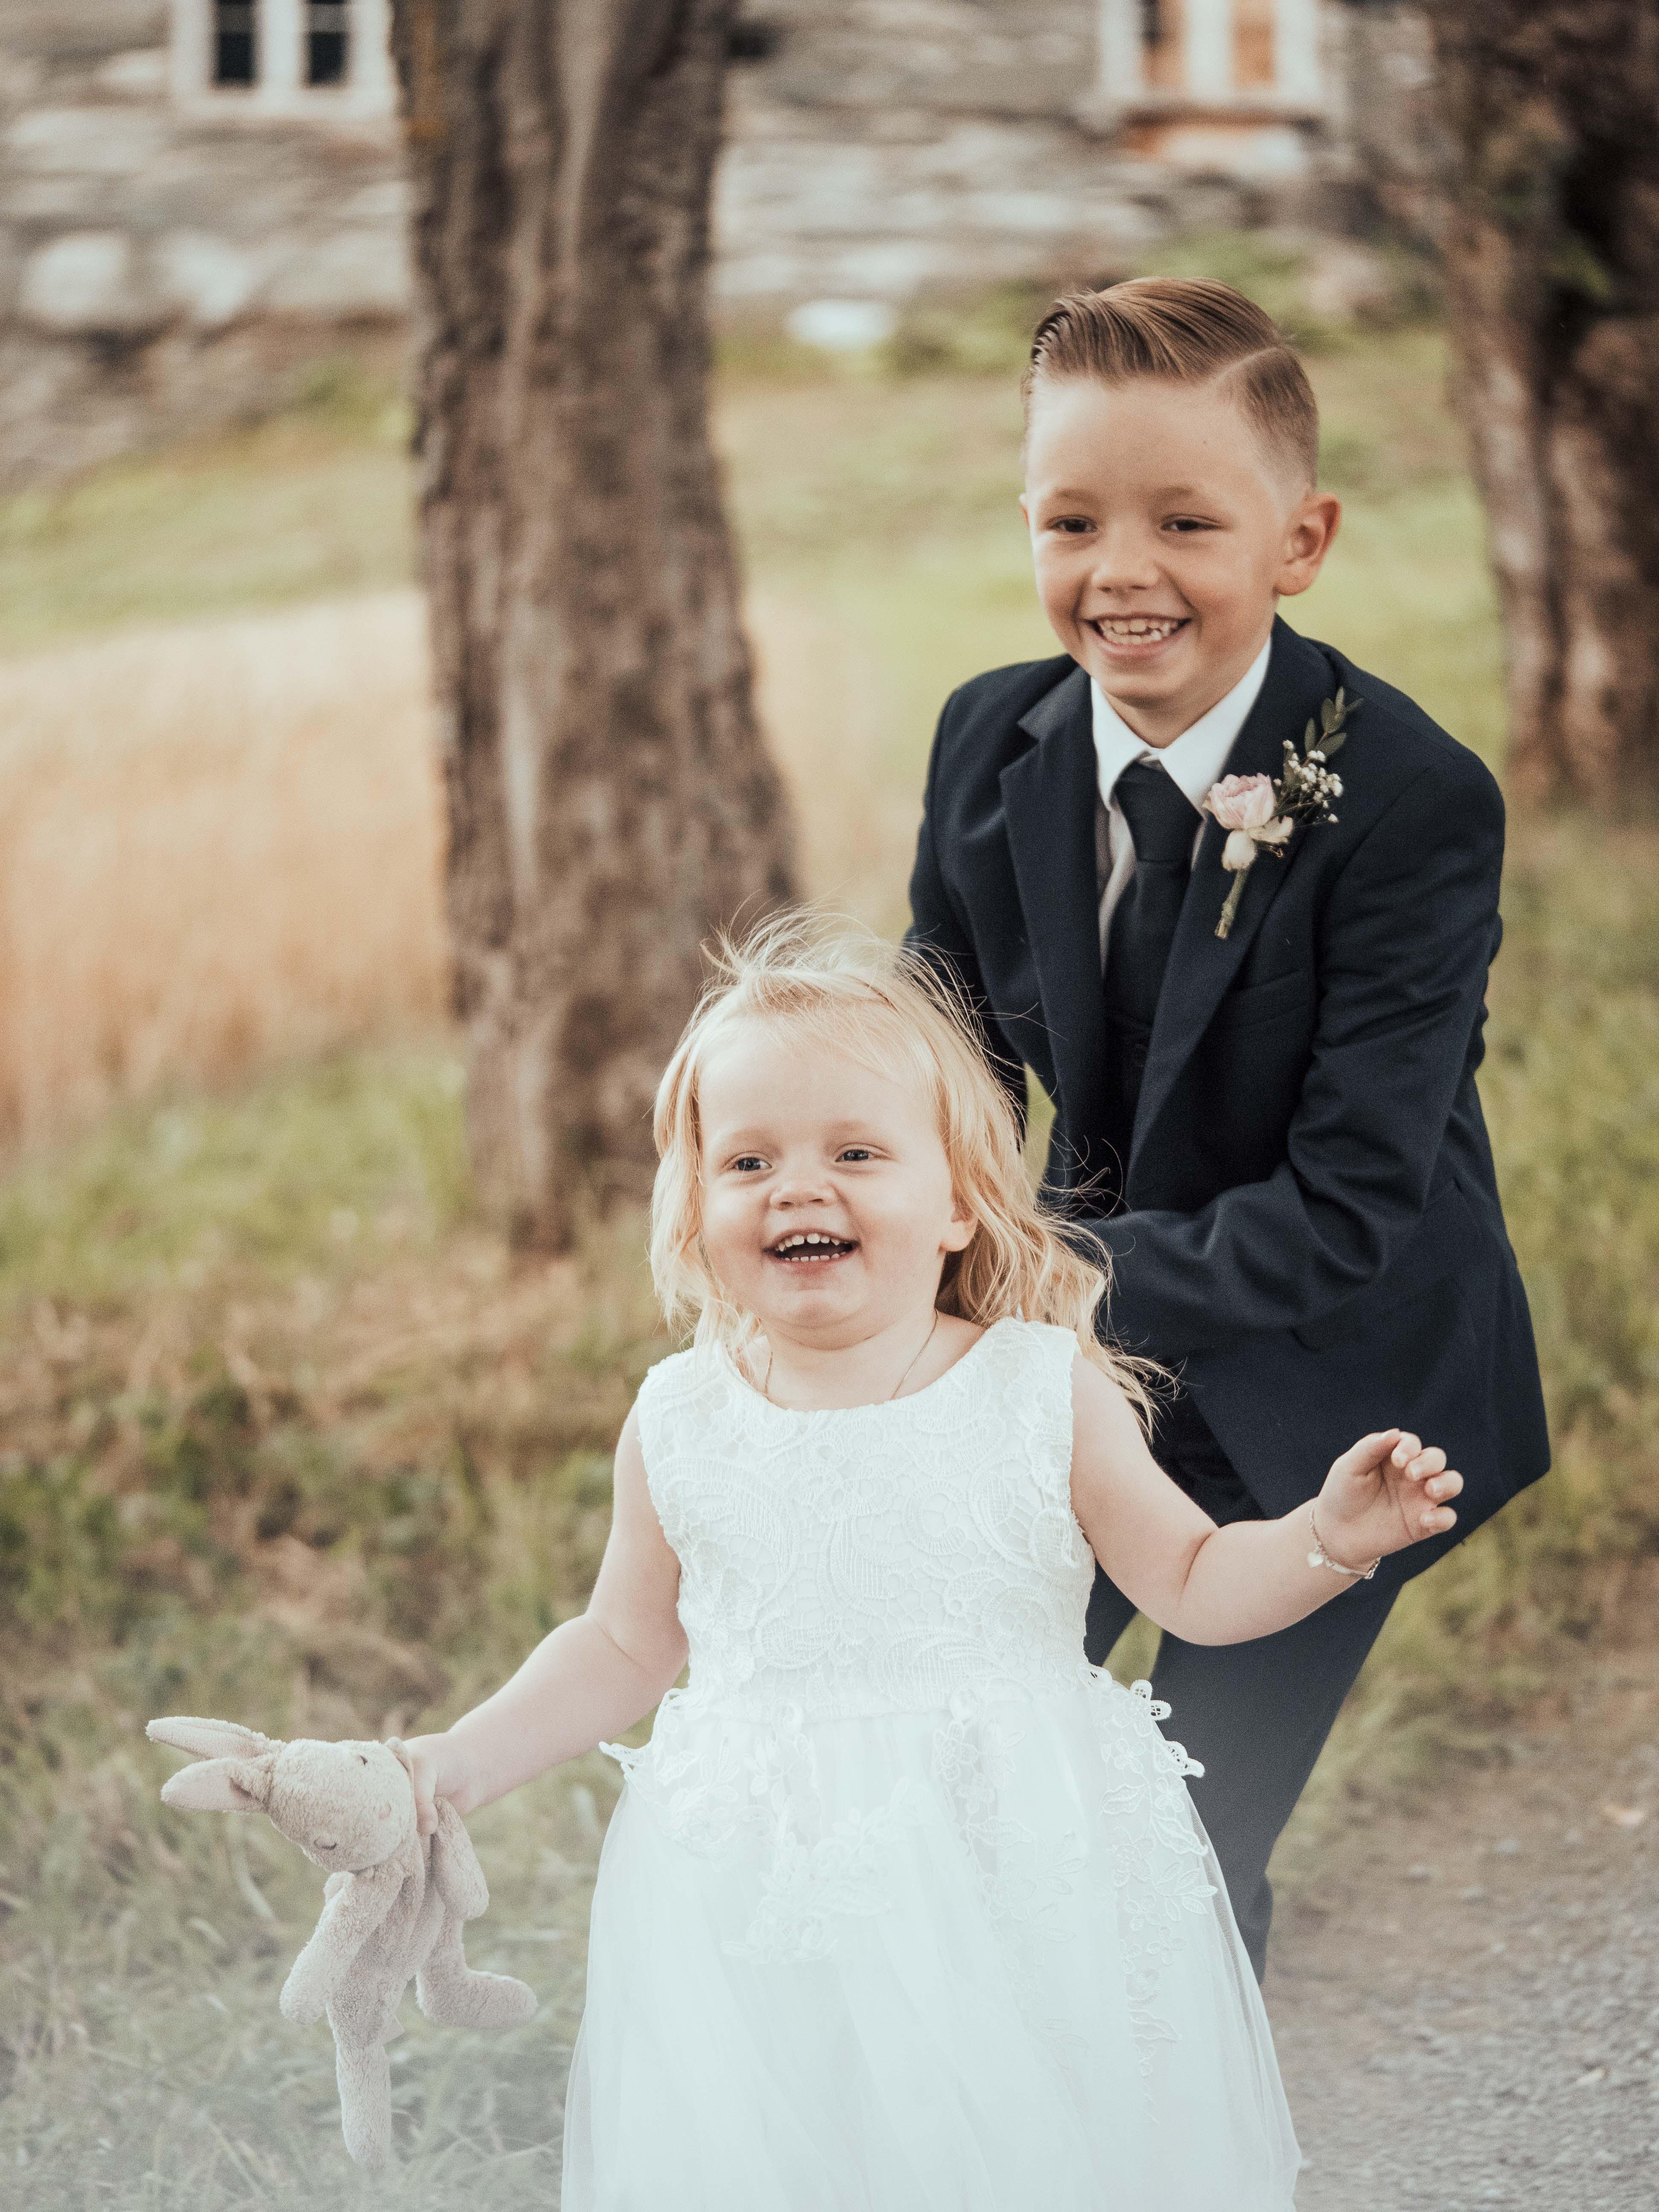 Tonje og Aleksander 2019 - Kids at wedding